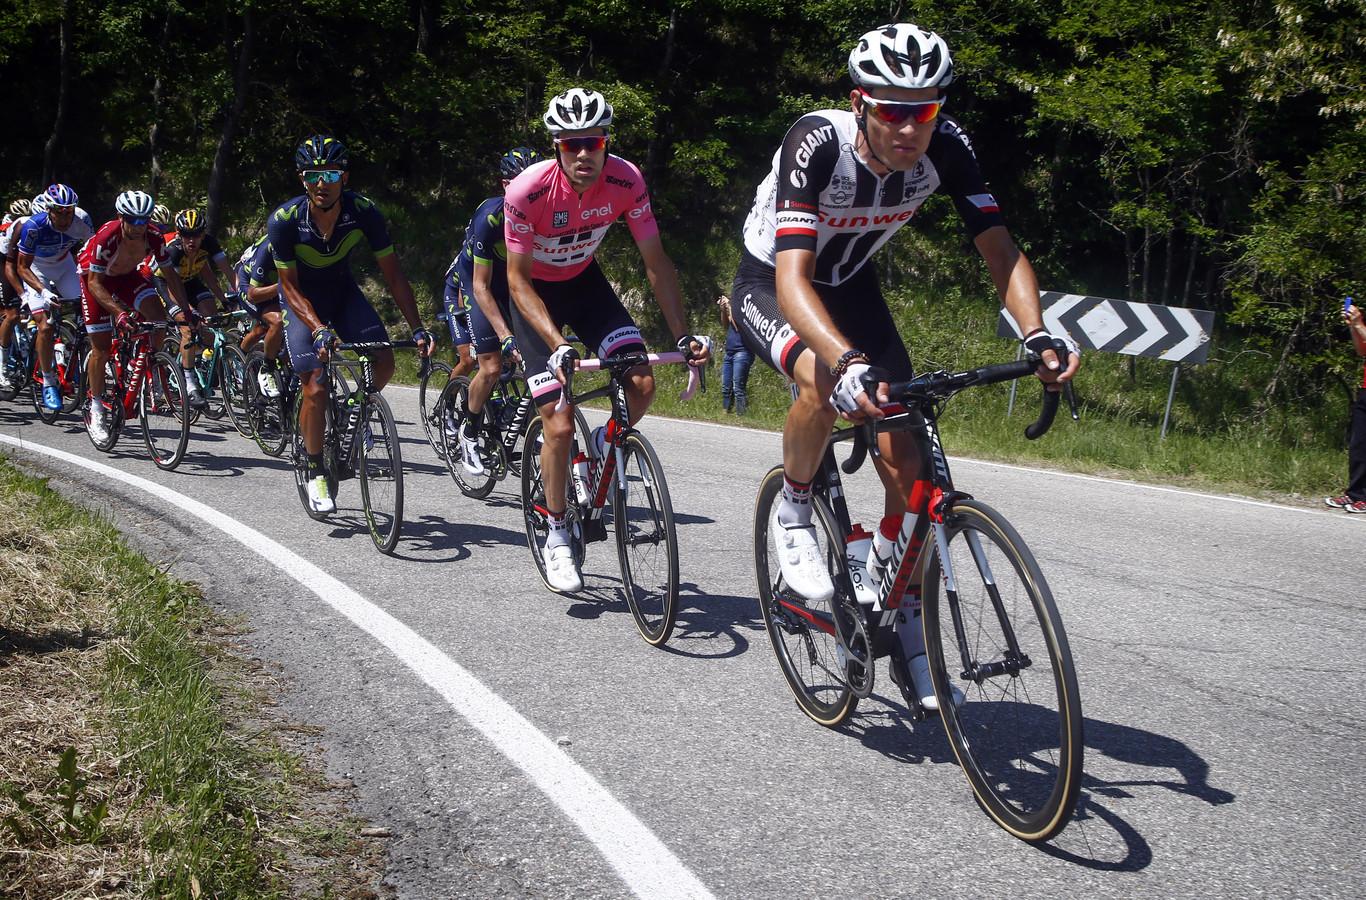 Georg Preidler in de Giro van 2017 in dienst rijdend van rozetruidrager Tom Dumoulin.